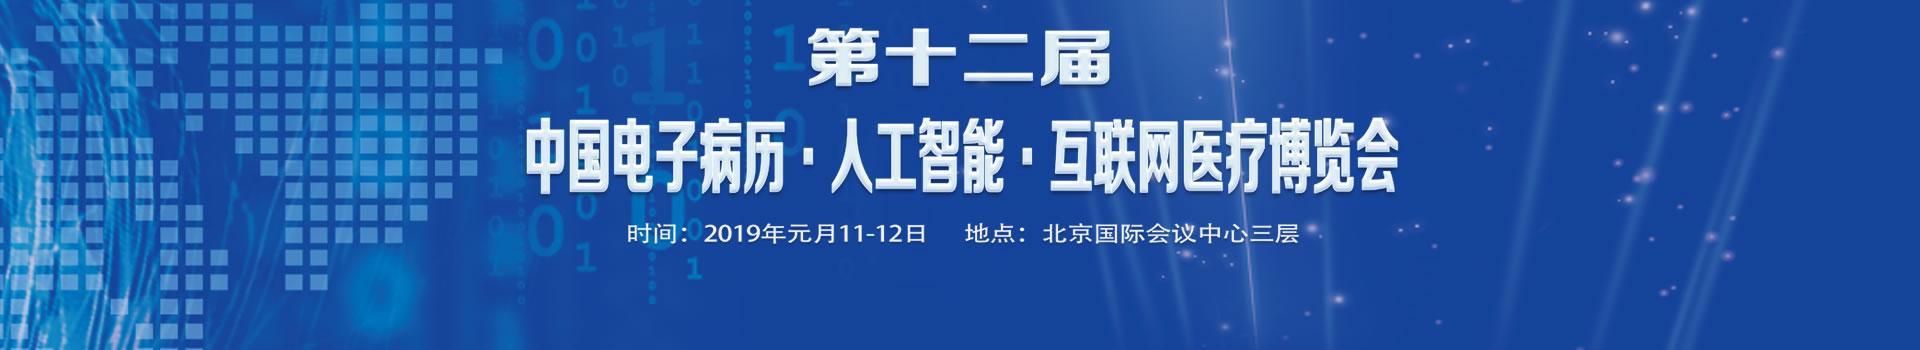 第十二届中国电子病历·人工智能·互联网医疗博览会